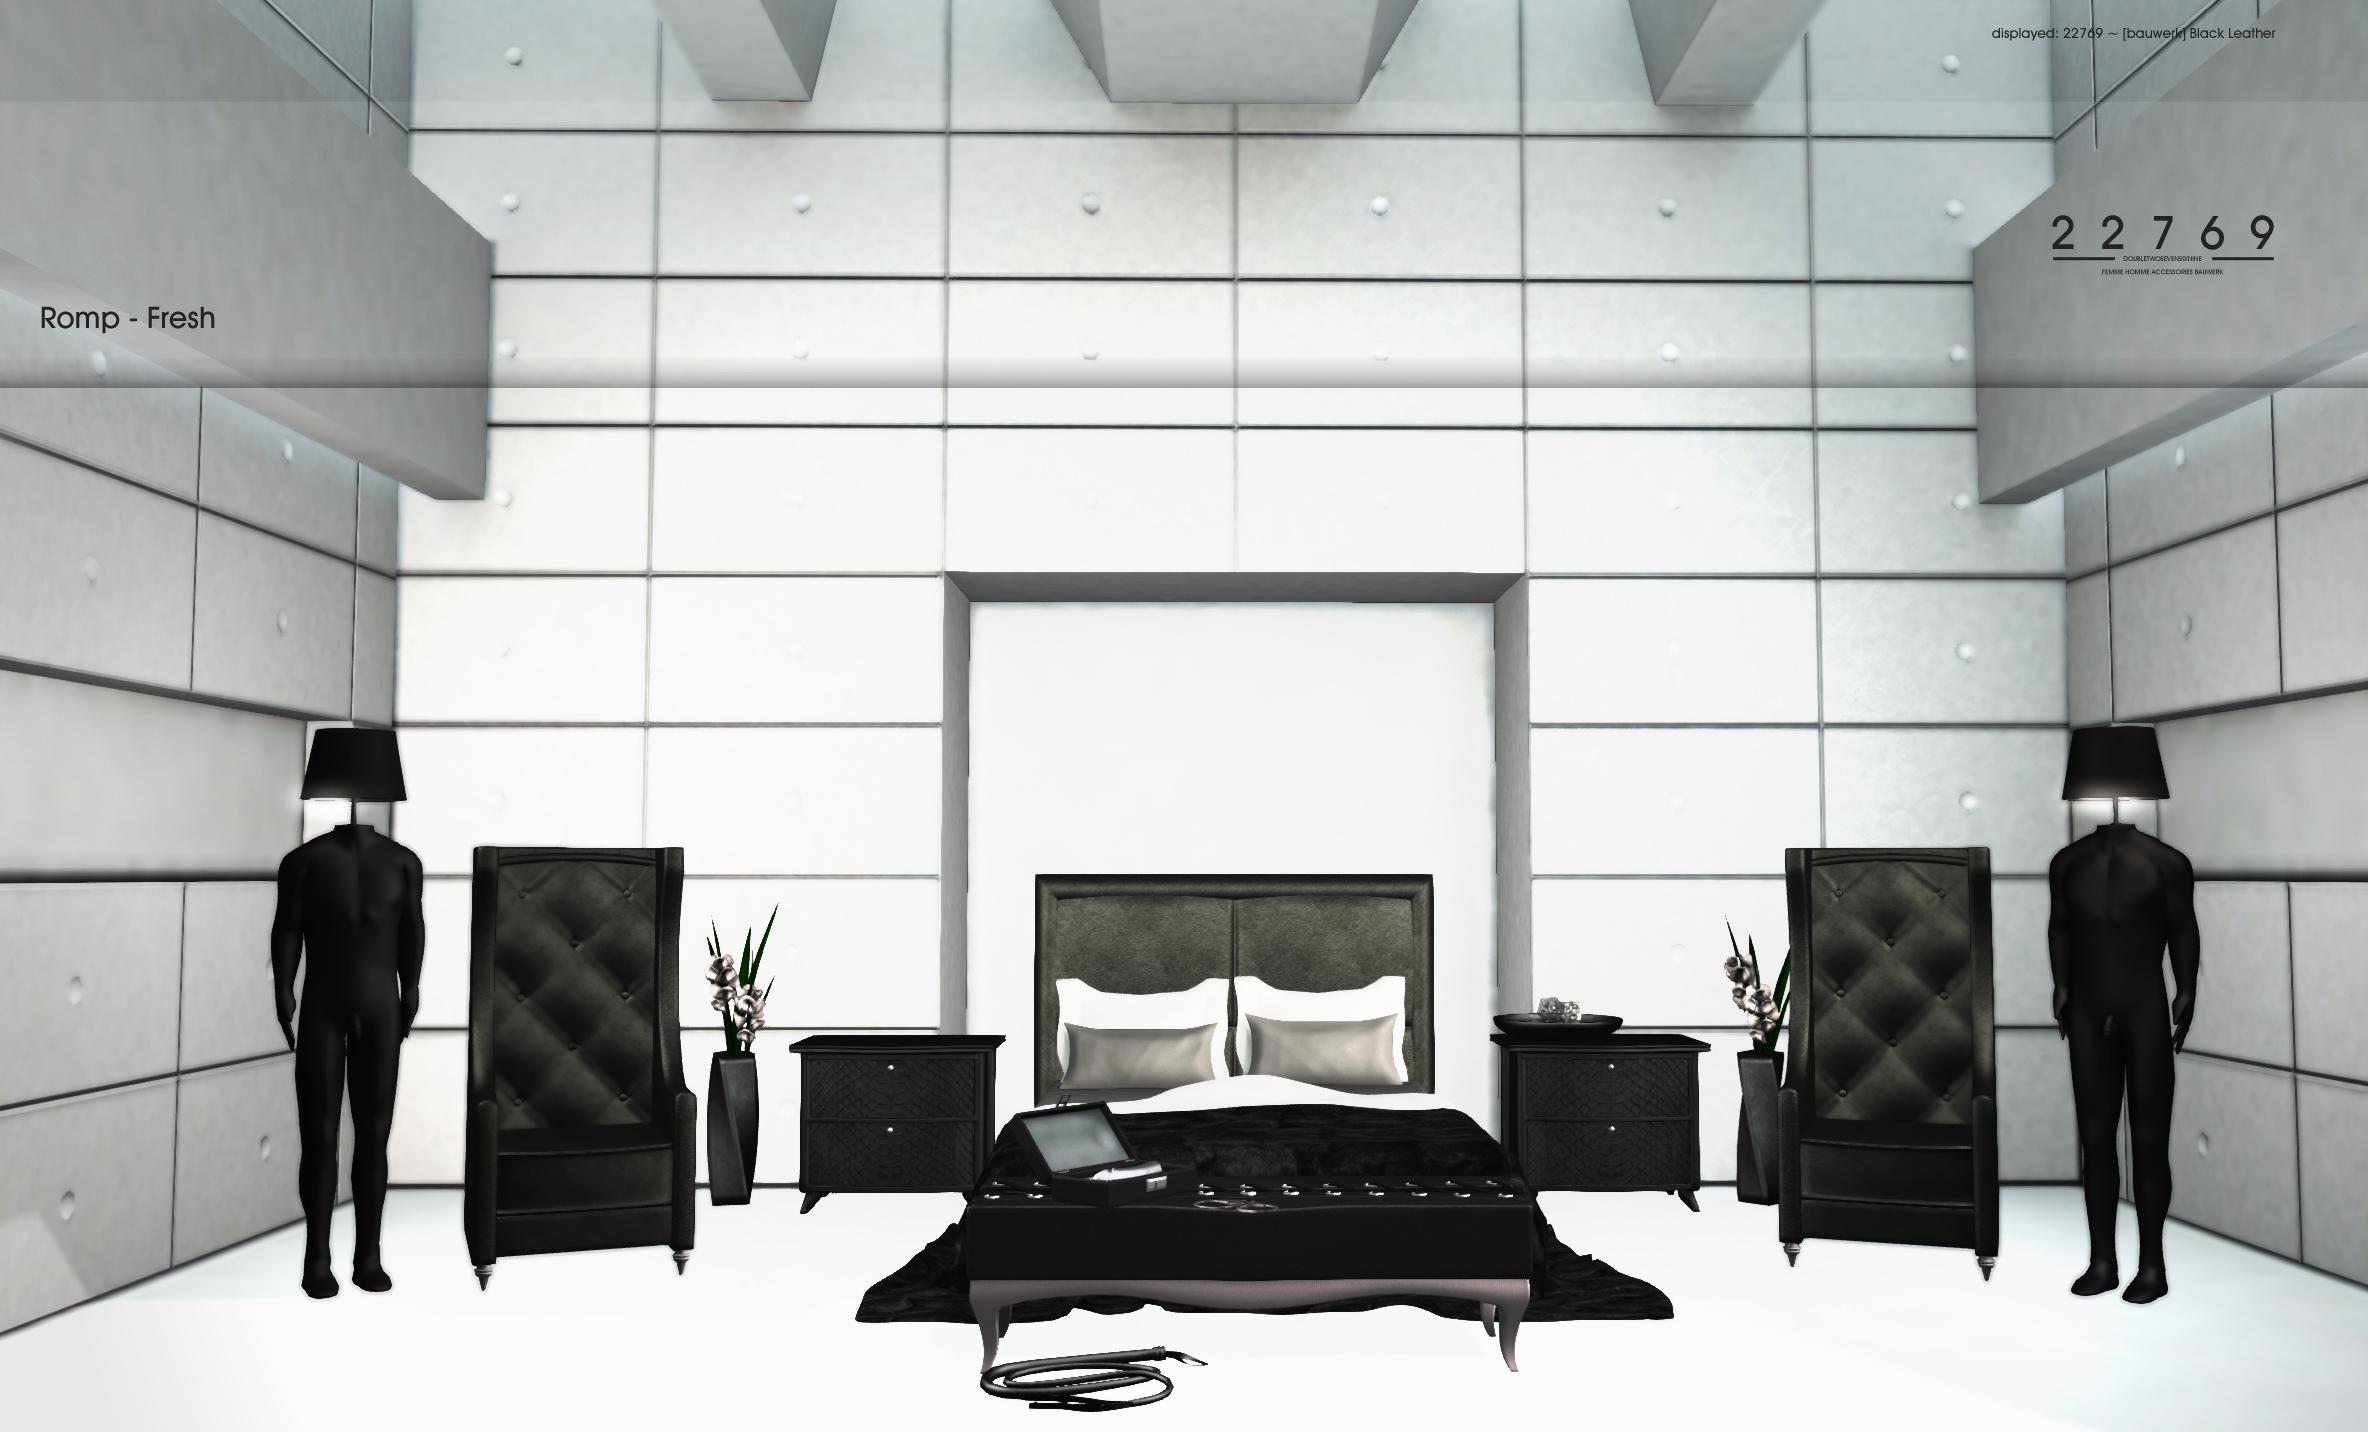 Fond d écran fenêtre lit mur bureau cuir chambre design d